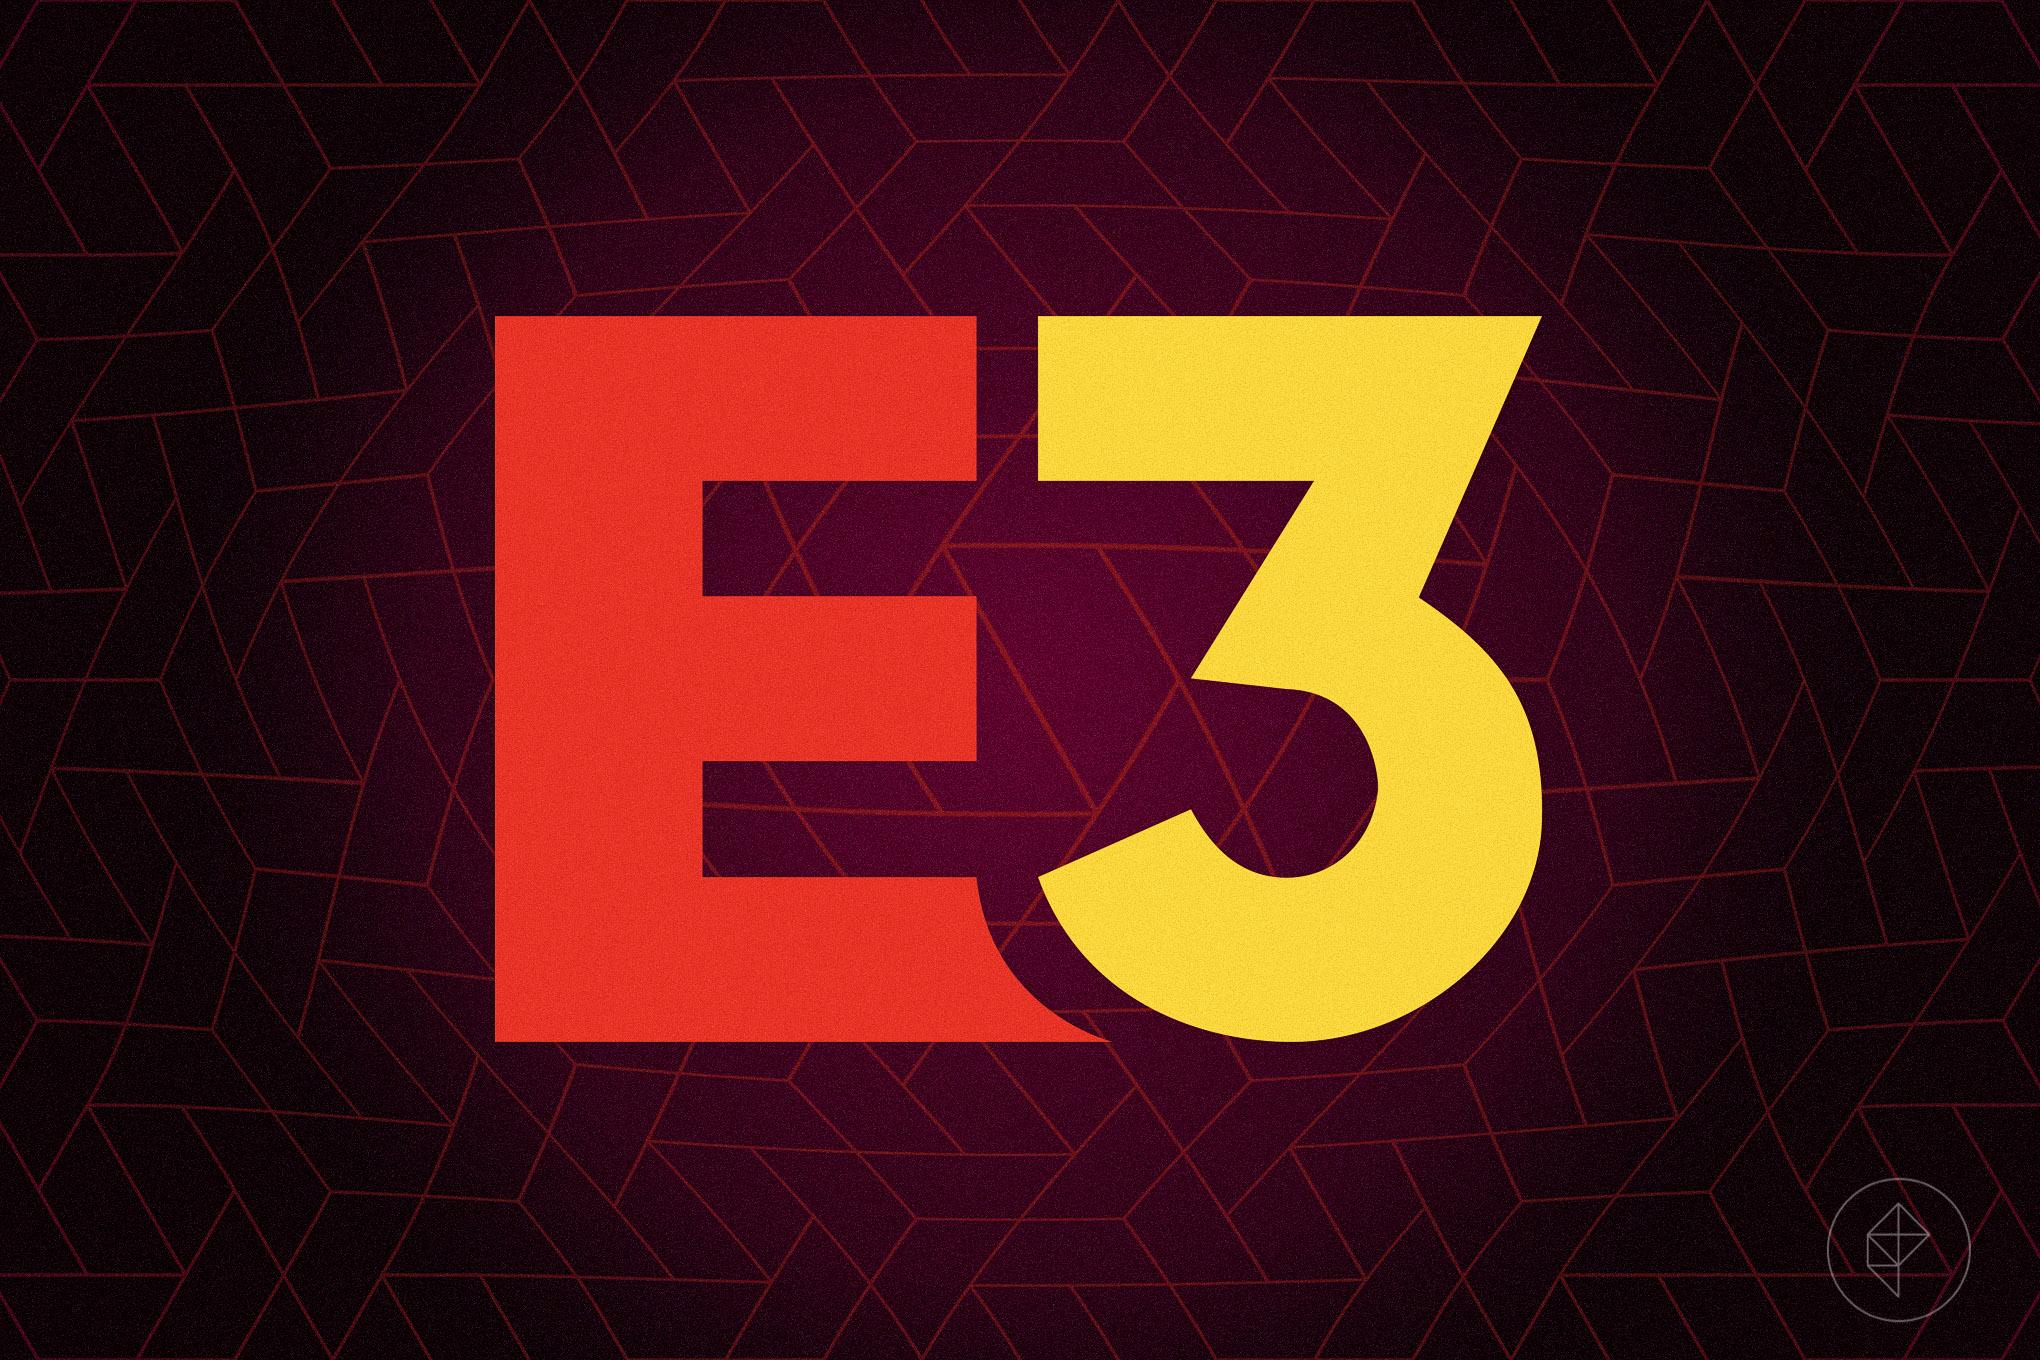 Artwork of the E3 logo